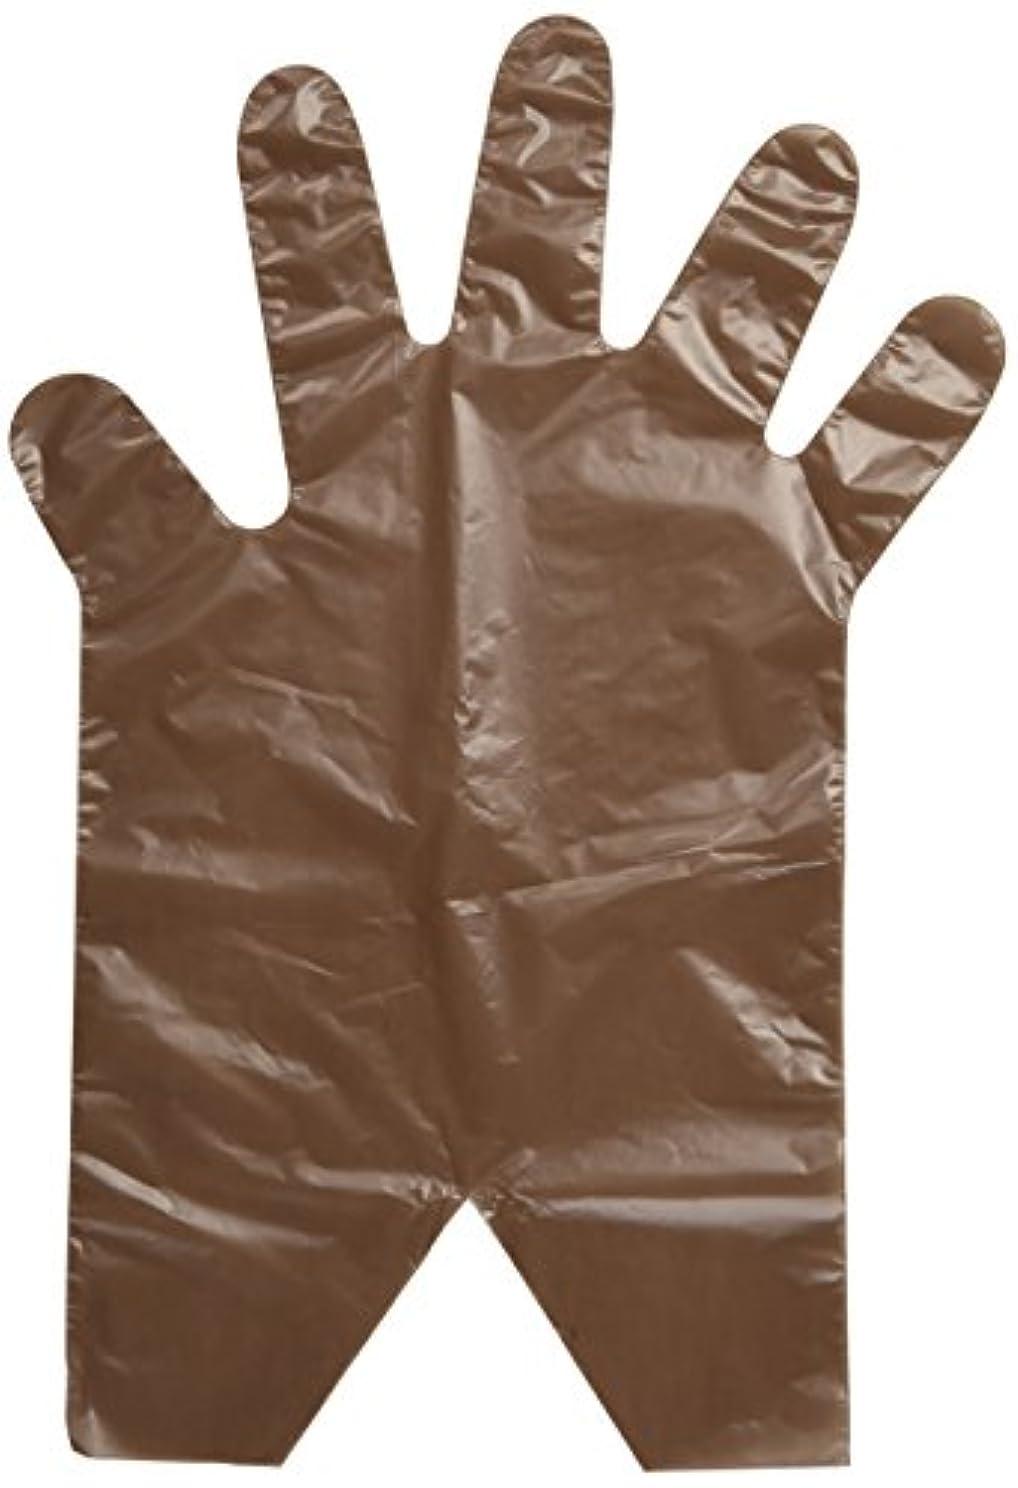 社員火薬火曜日つかんでくるんで便利な消臭ゴミ手袋 60枚組 SPP-10118